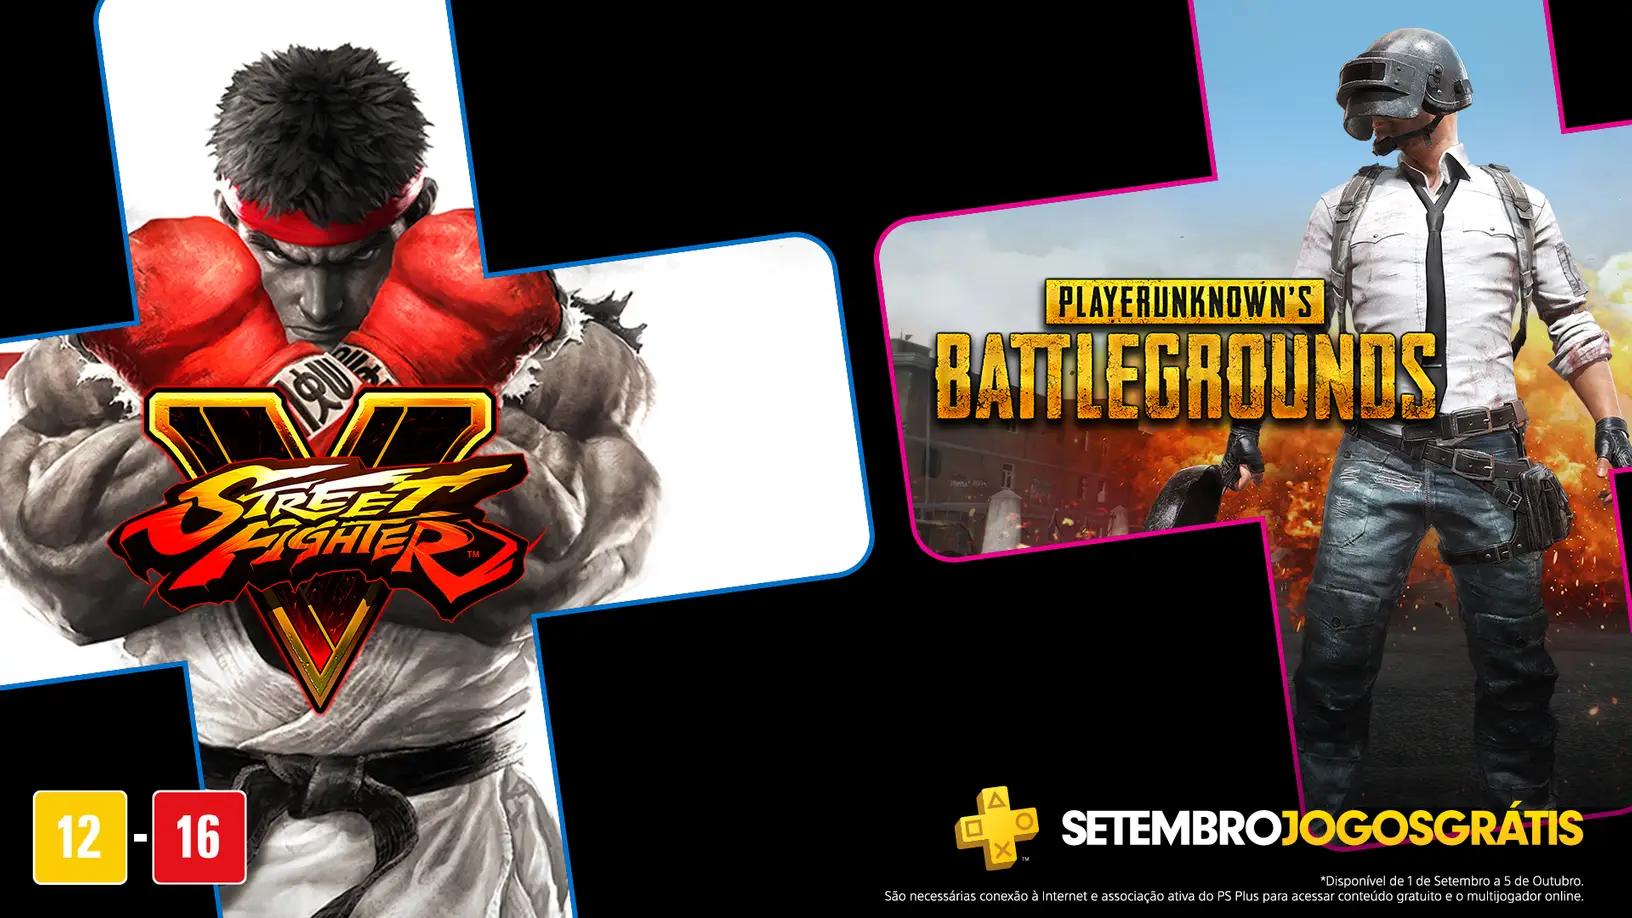 Street Fighter 5 e PUBG são os jogos grátis da PS Plus em setembro. (Foto: Reprodução/PlayStation Blog)